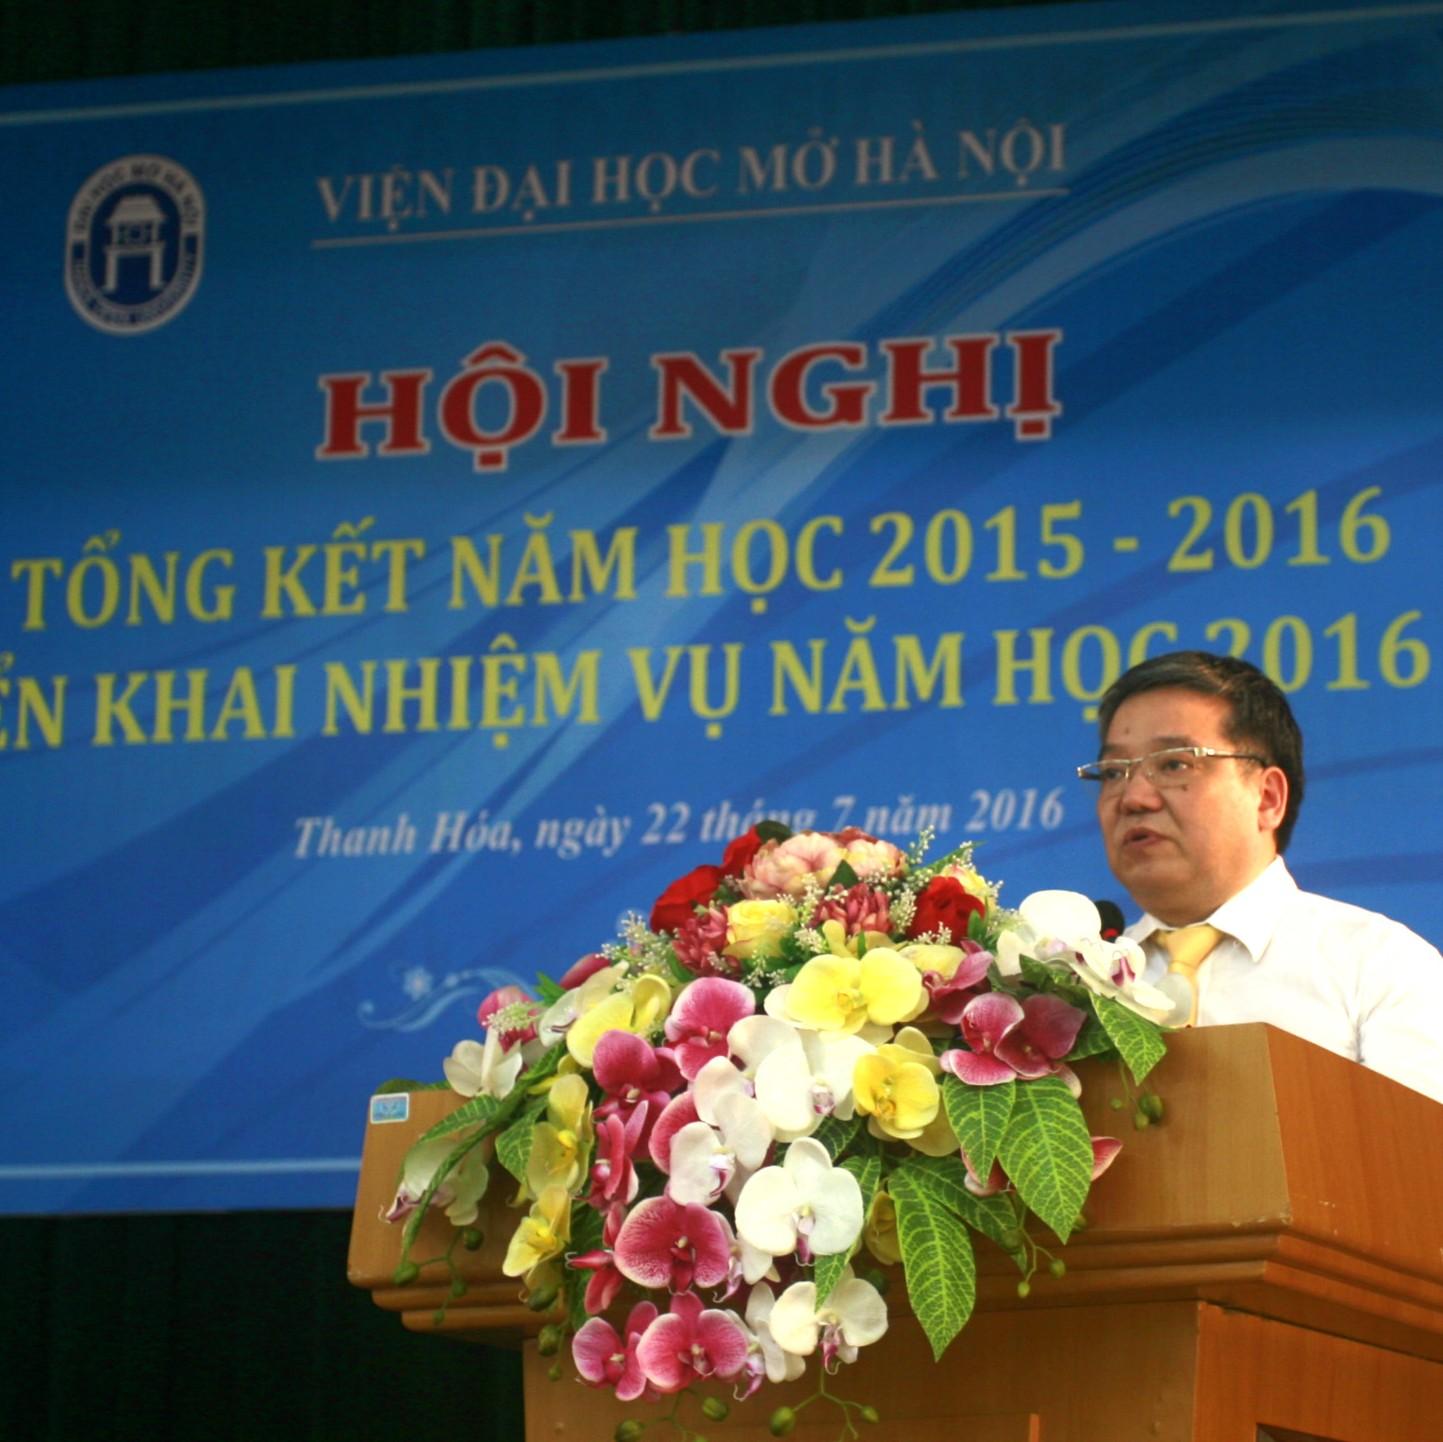 Viện Đại học Mở Hà Nội tổ chức thành công Hội nghị tổng kết năm học 2015 – 2016